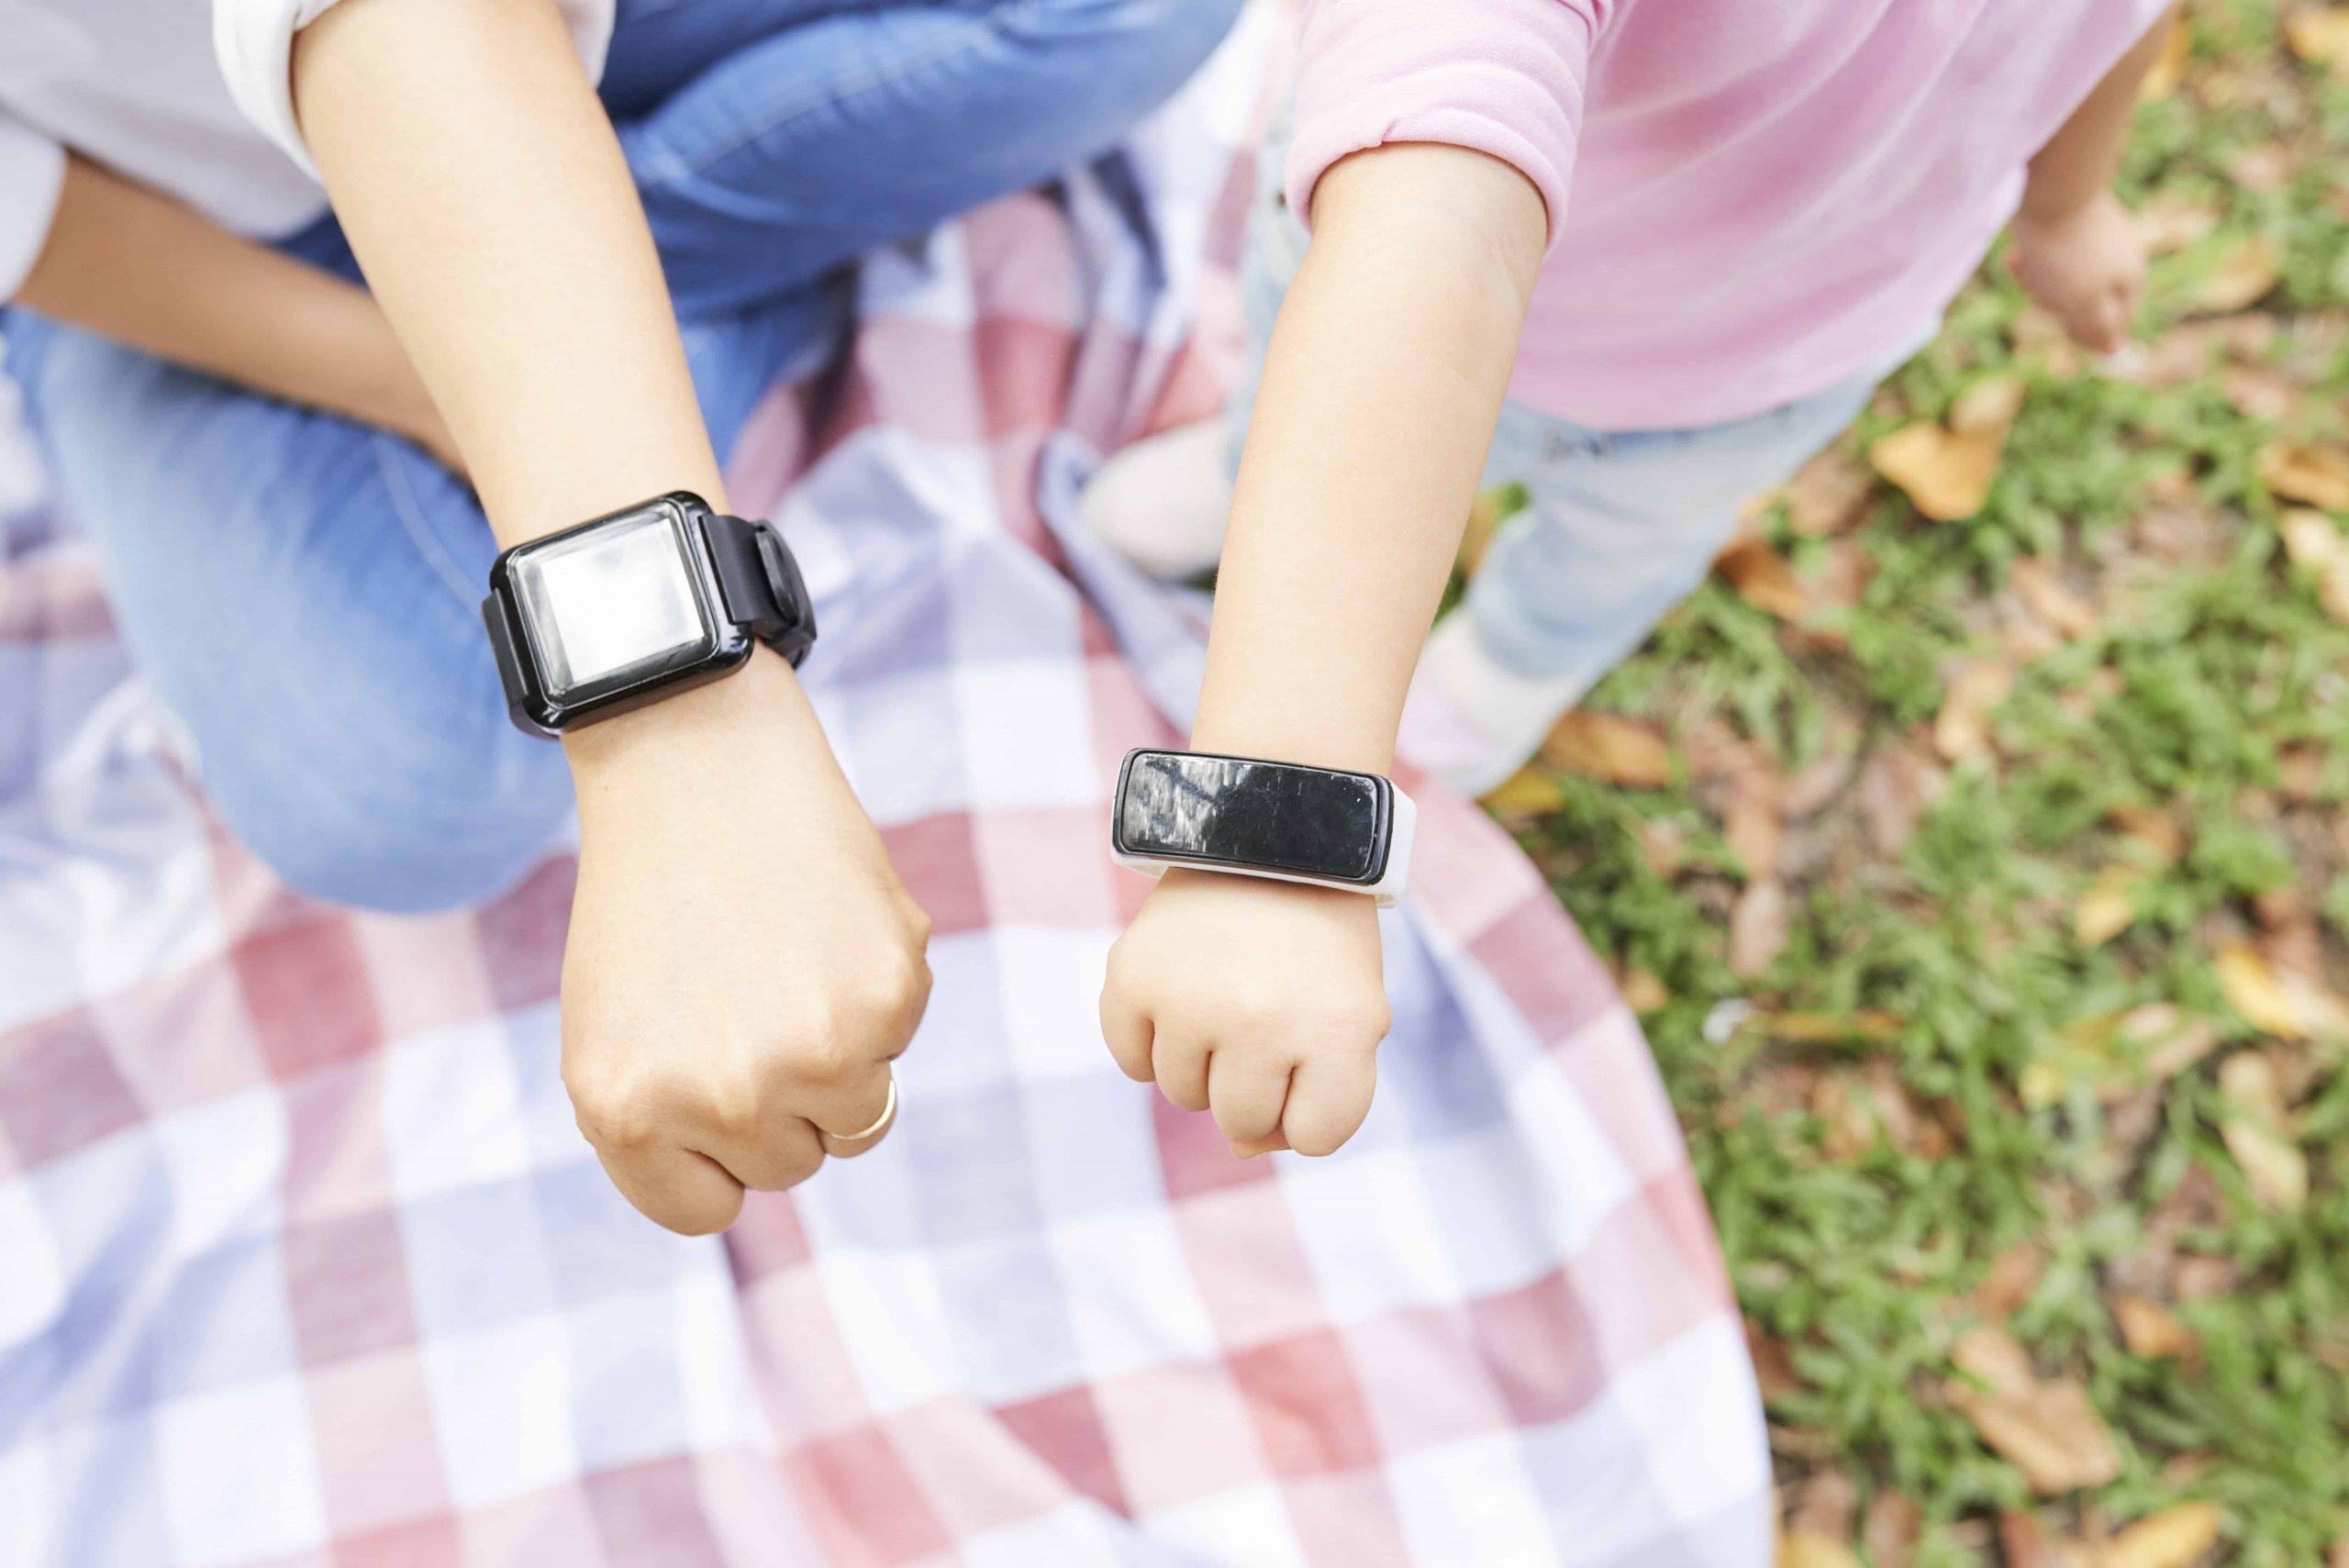 Miglior smartwatch bambini 2021: Guida all'acquisto